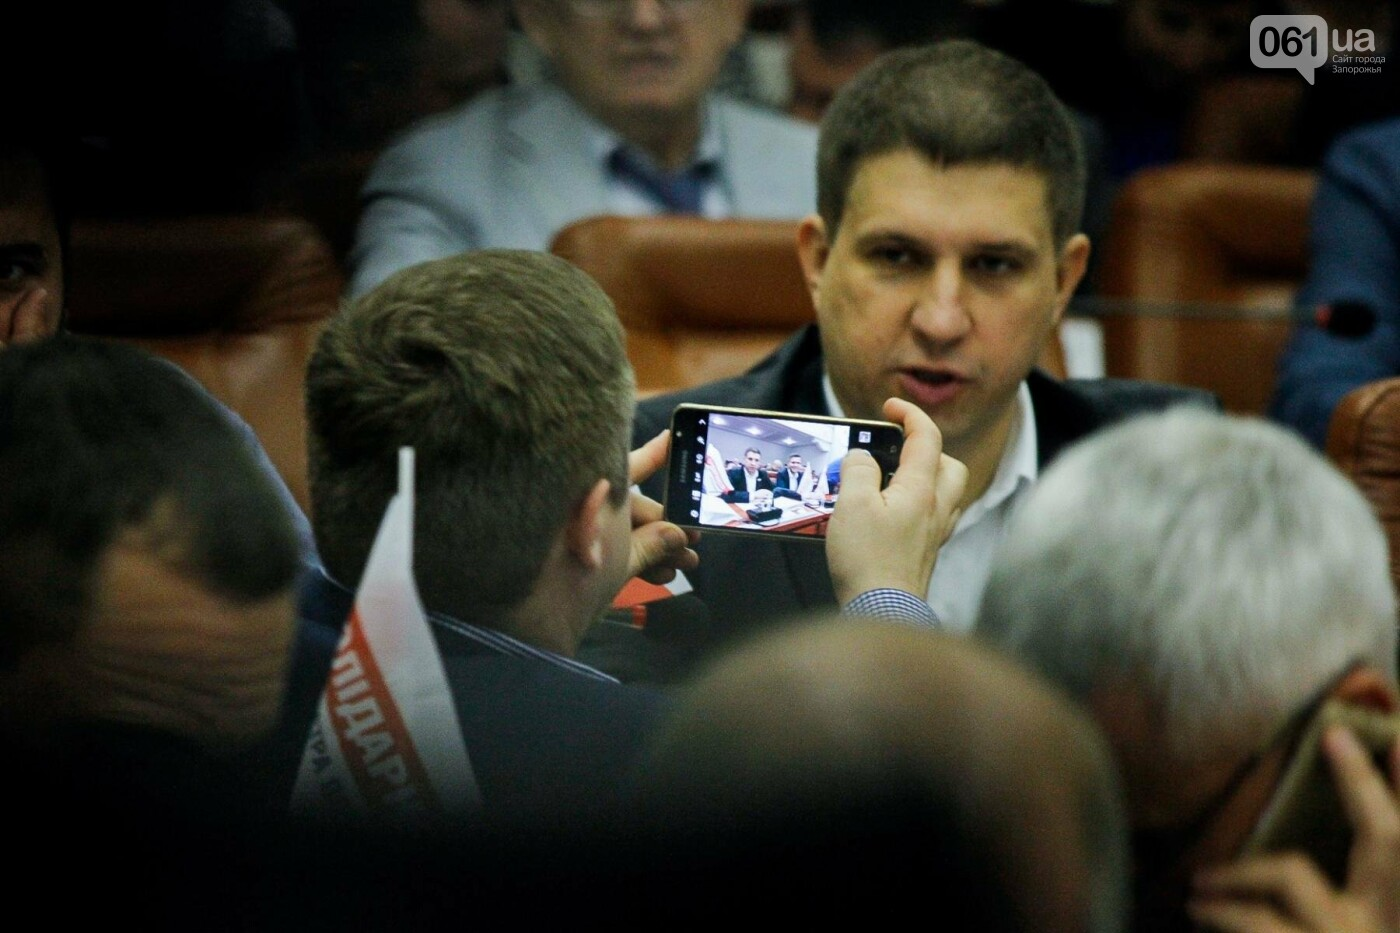 Сессия запорожского горсовета в 55 фотографиях, - ФОТОРЕПОРТАЖ, фото-51